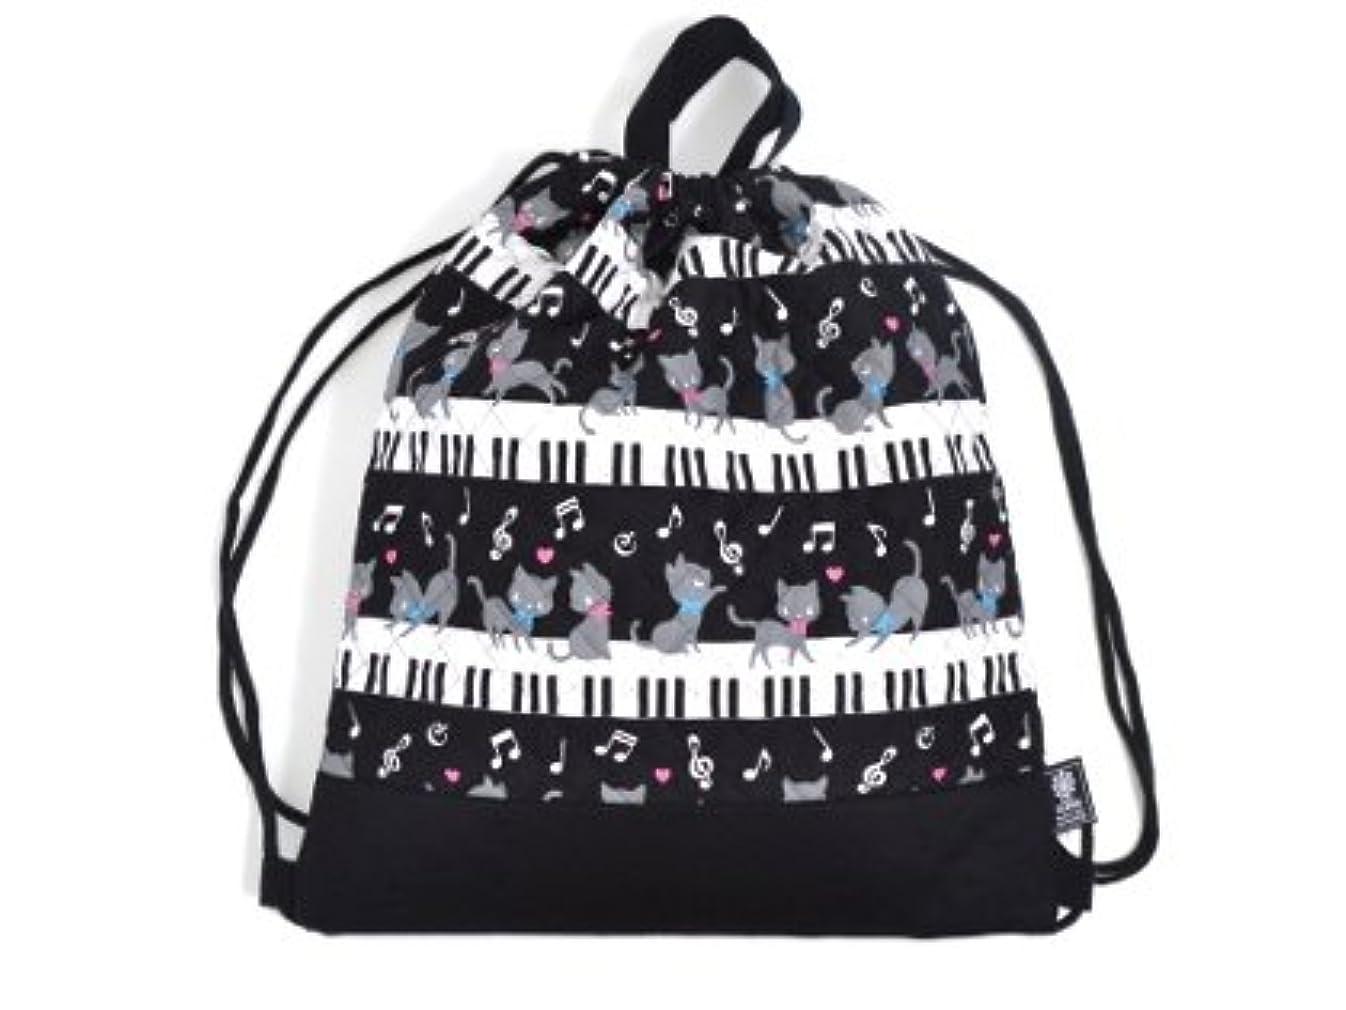 キネマティクス神メルボルンナップサック 巾着 バッグ ピアノの上で踊る黒猫ワルツ(ブラック) N0431300